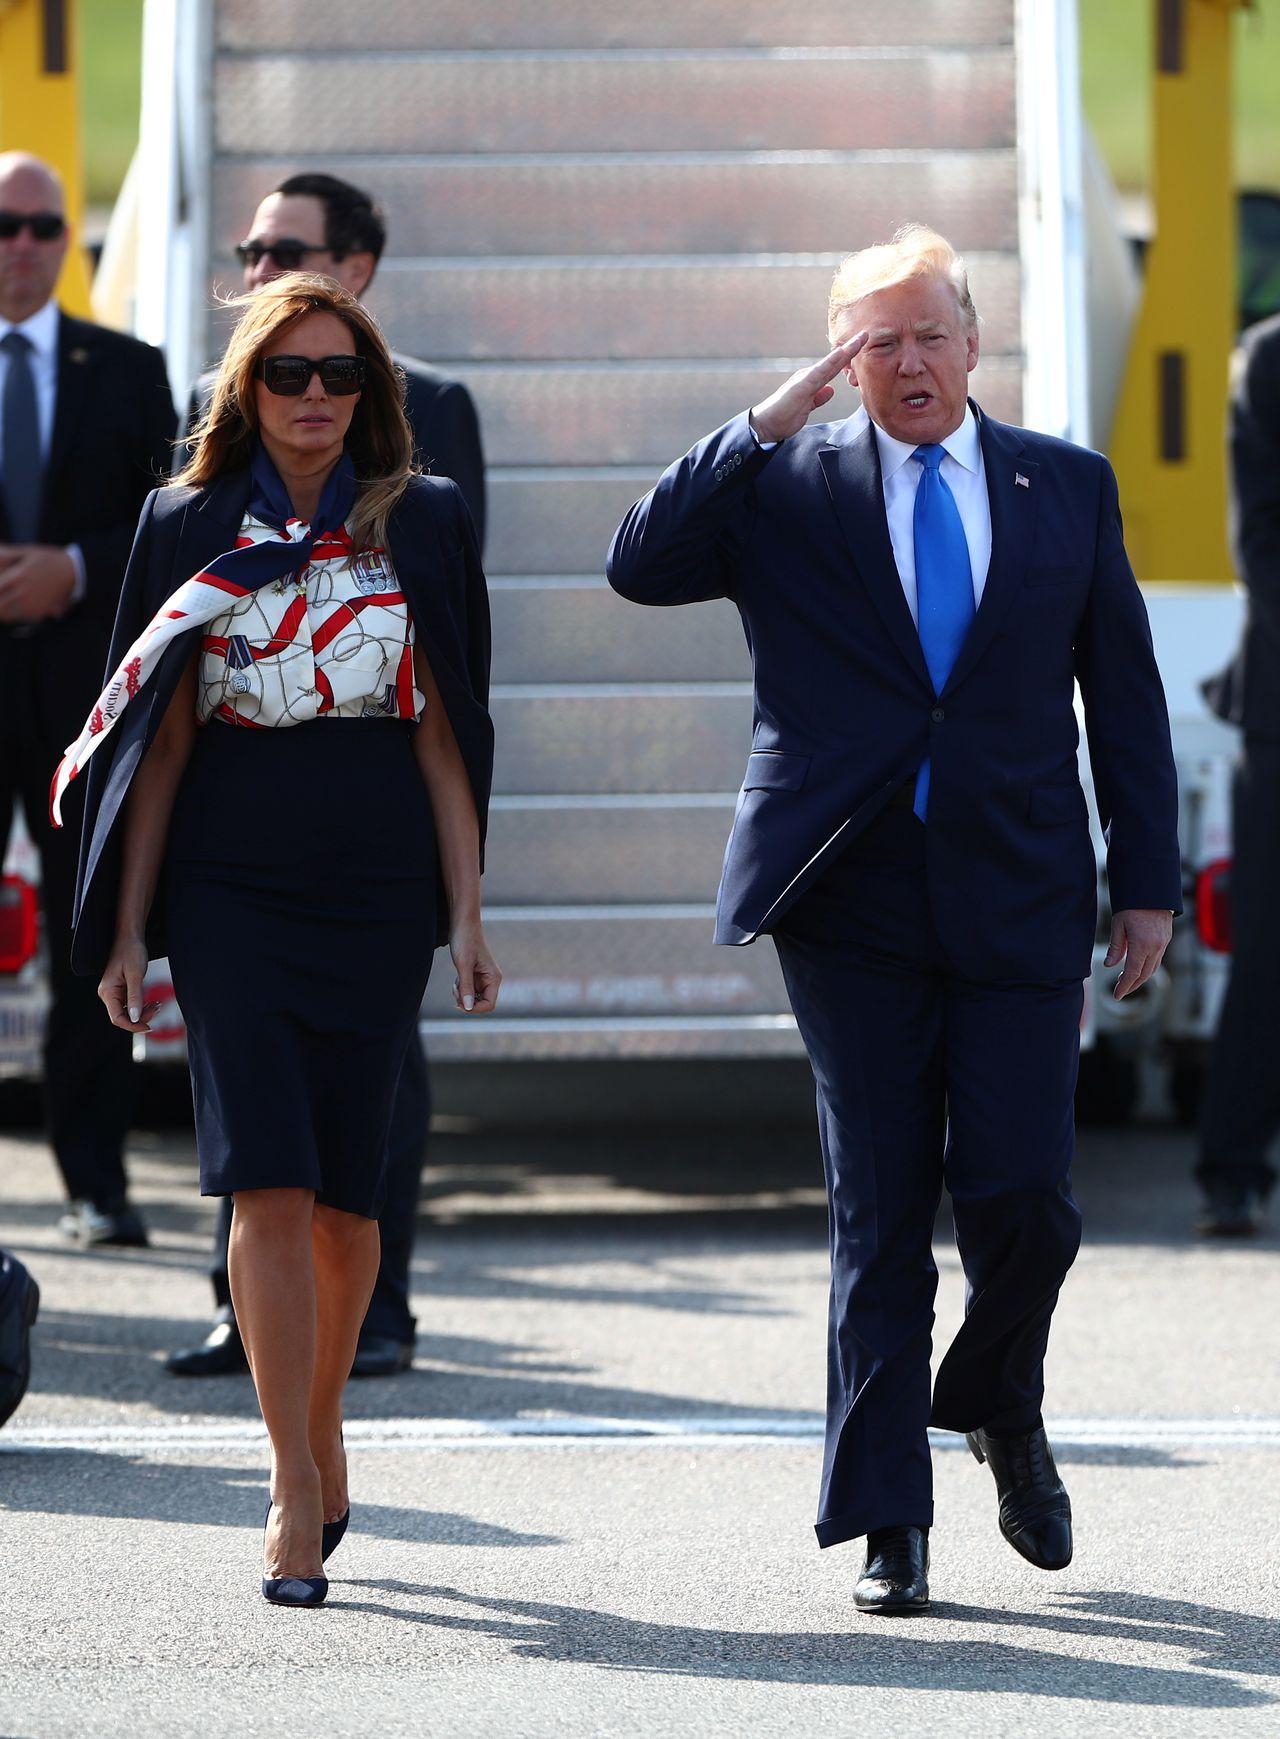 KREACJE Melanii Trump w czasie wizyty w Londynie